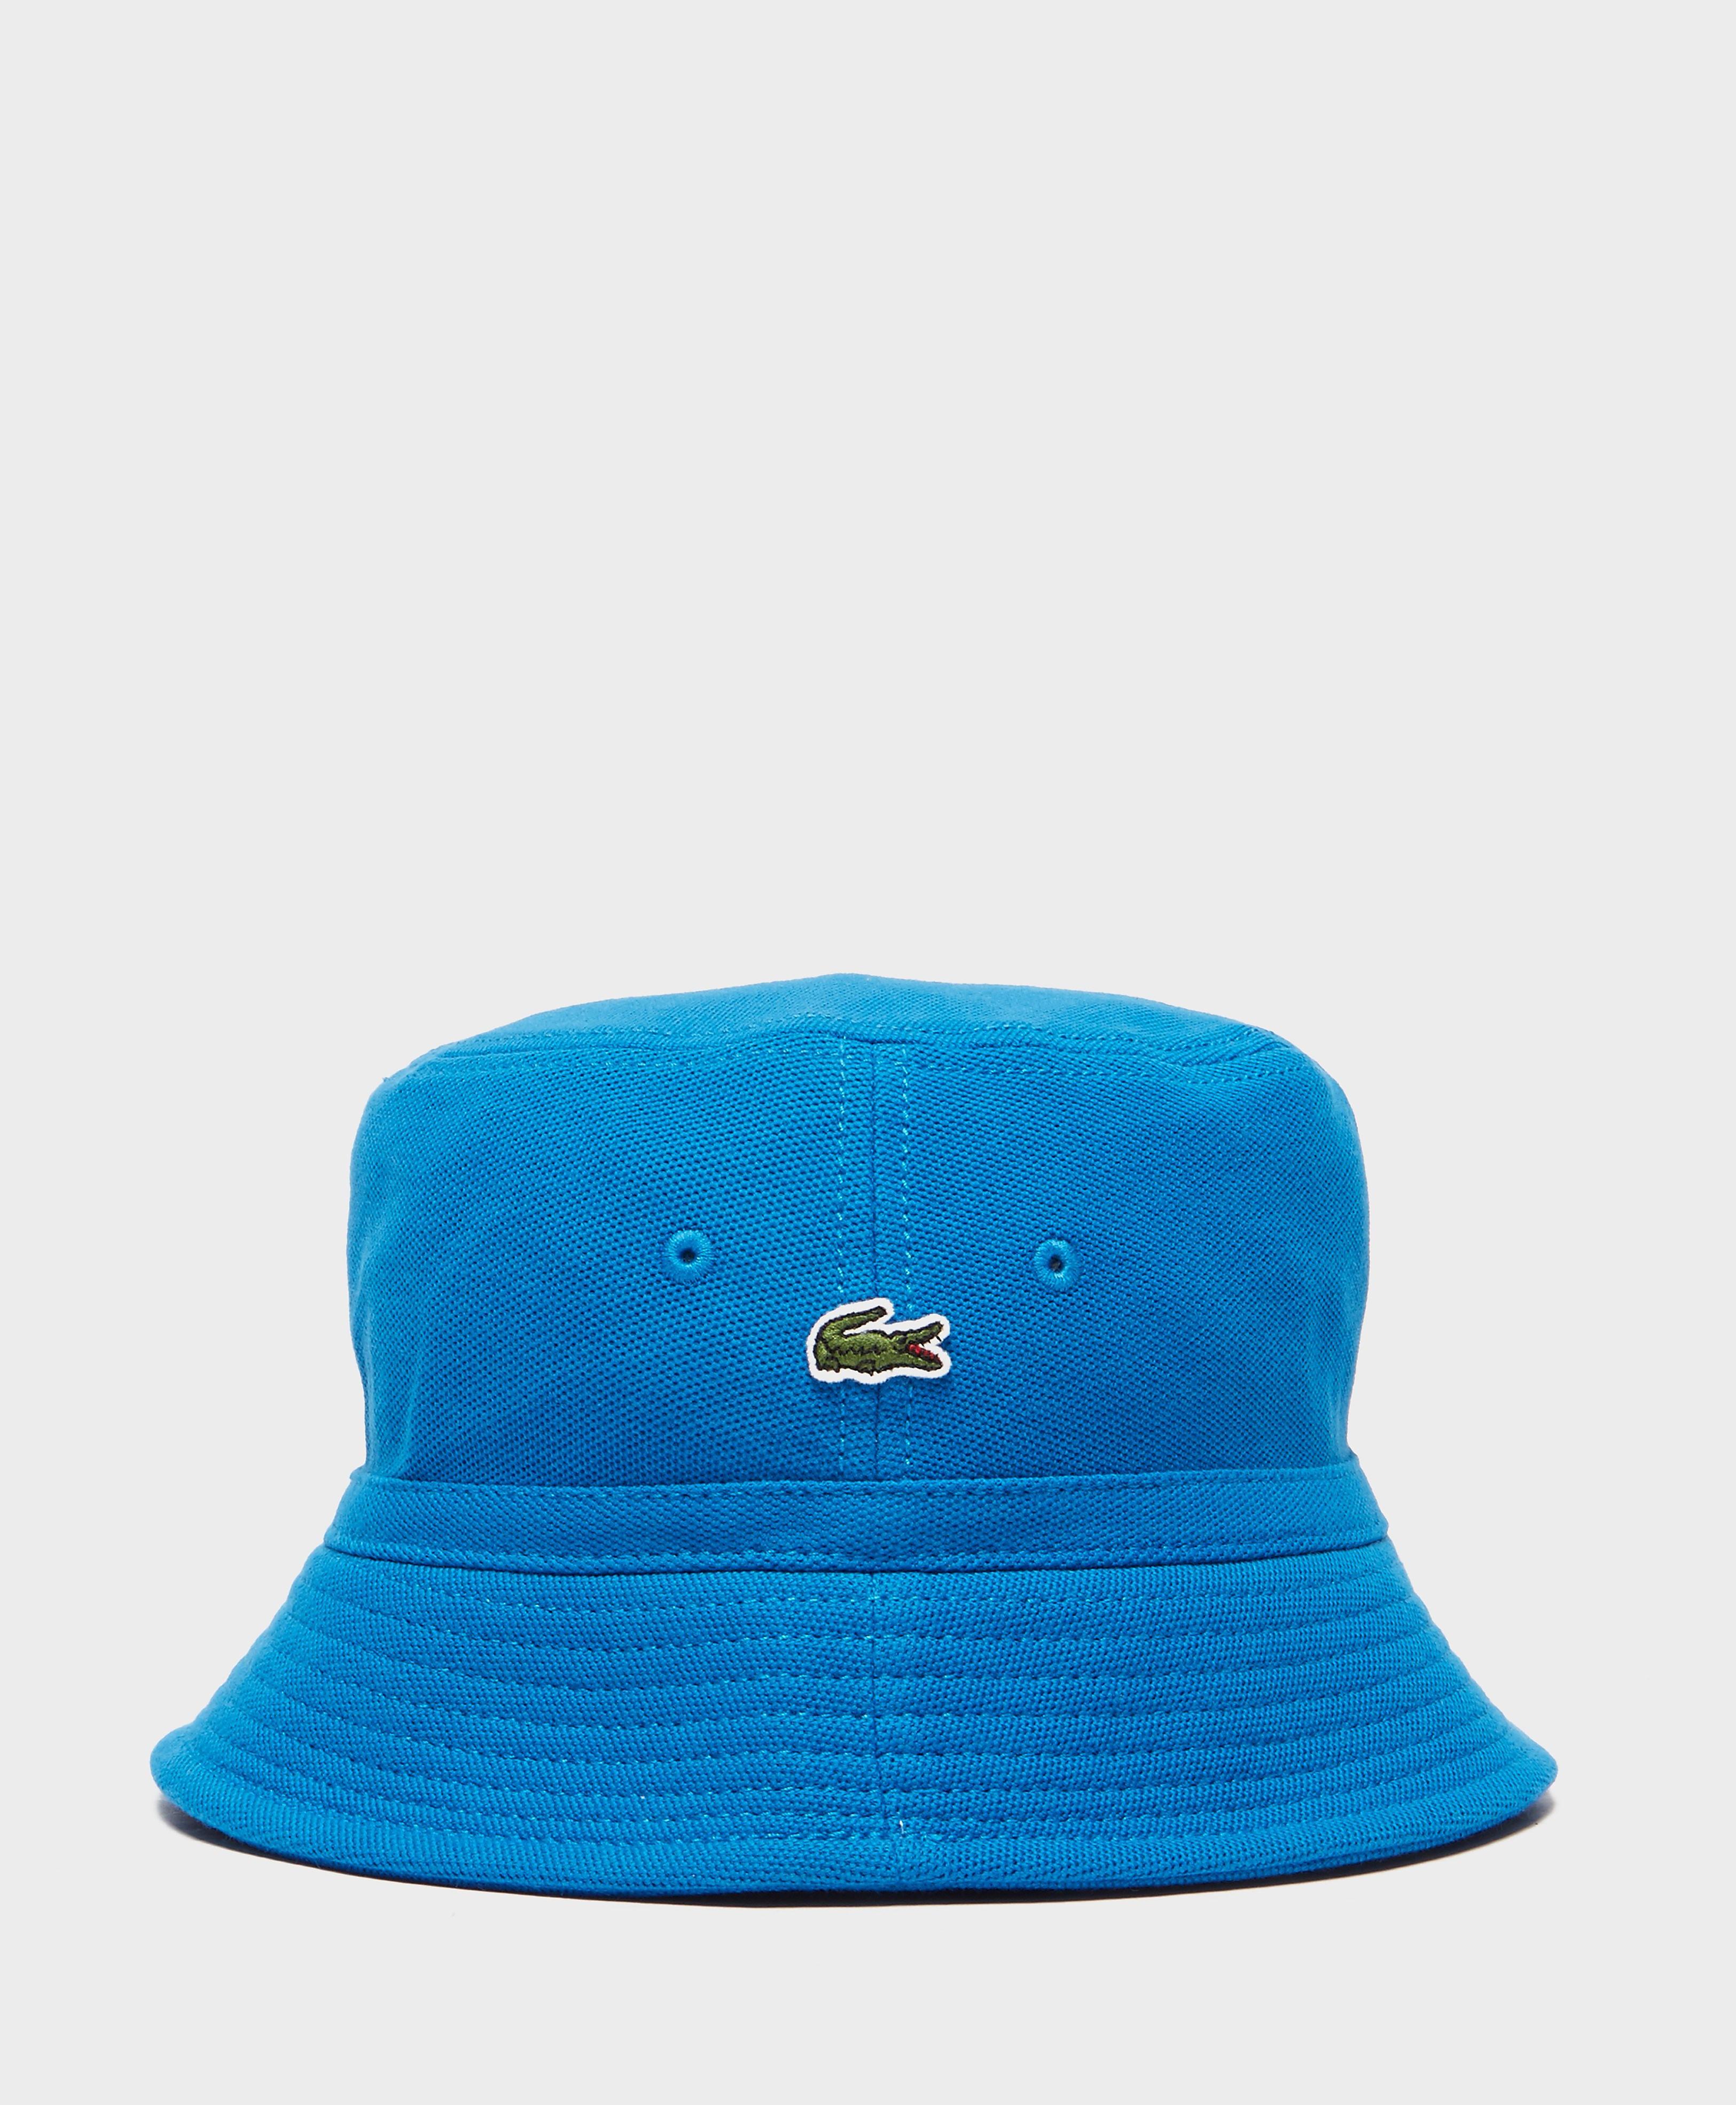 Lacoste Pique Bucket Hat